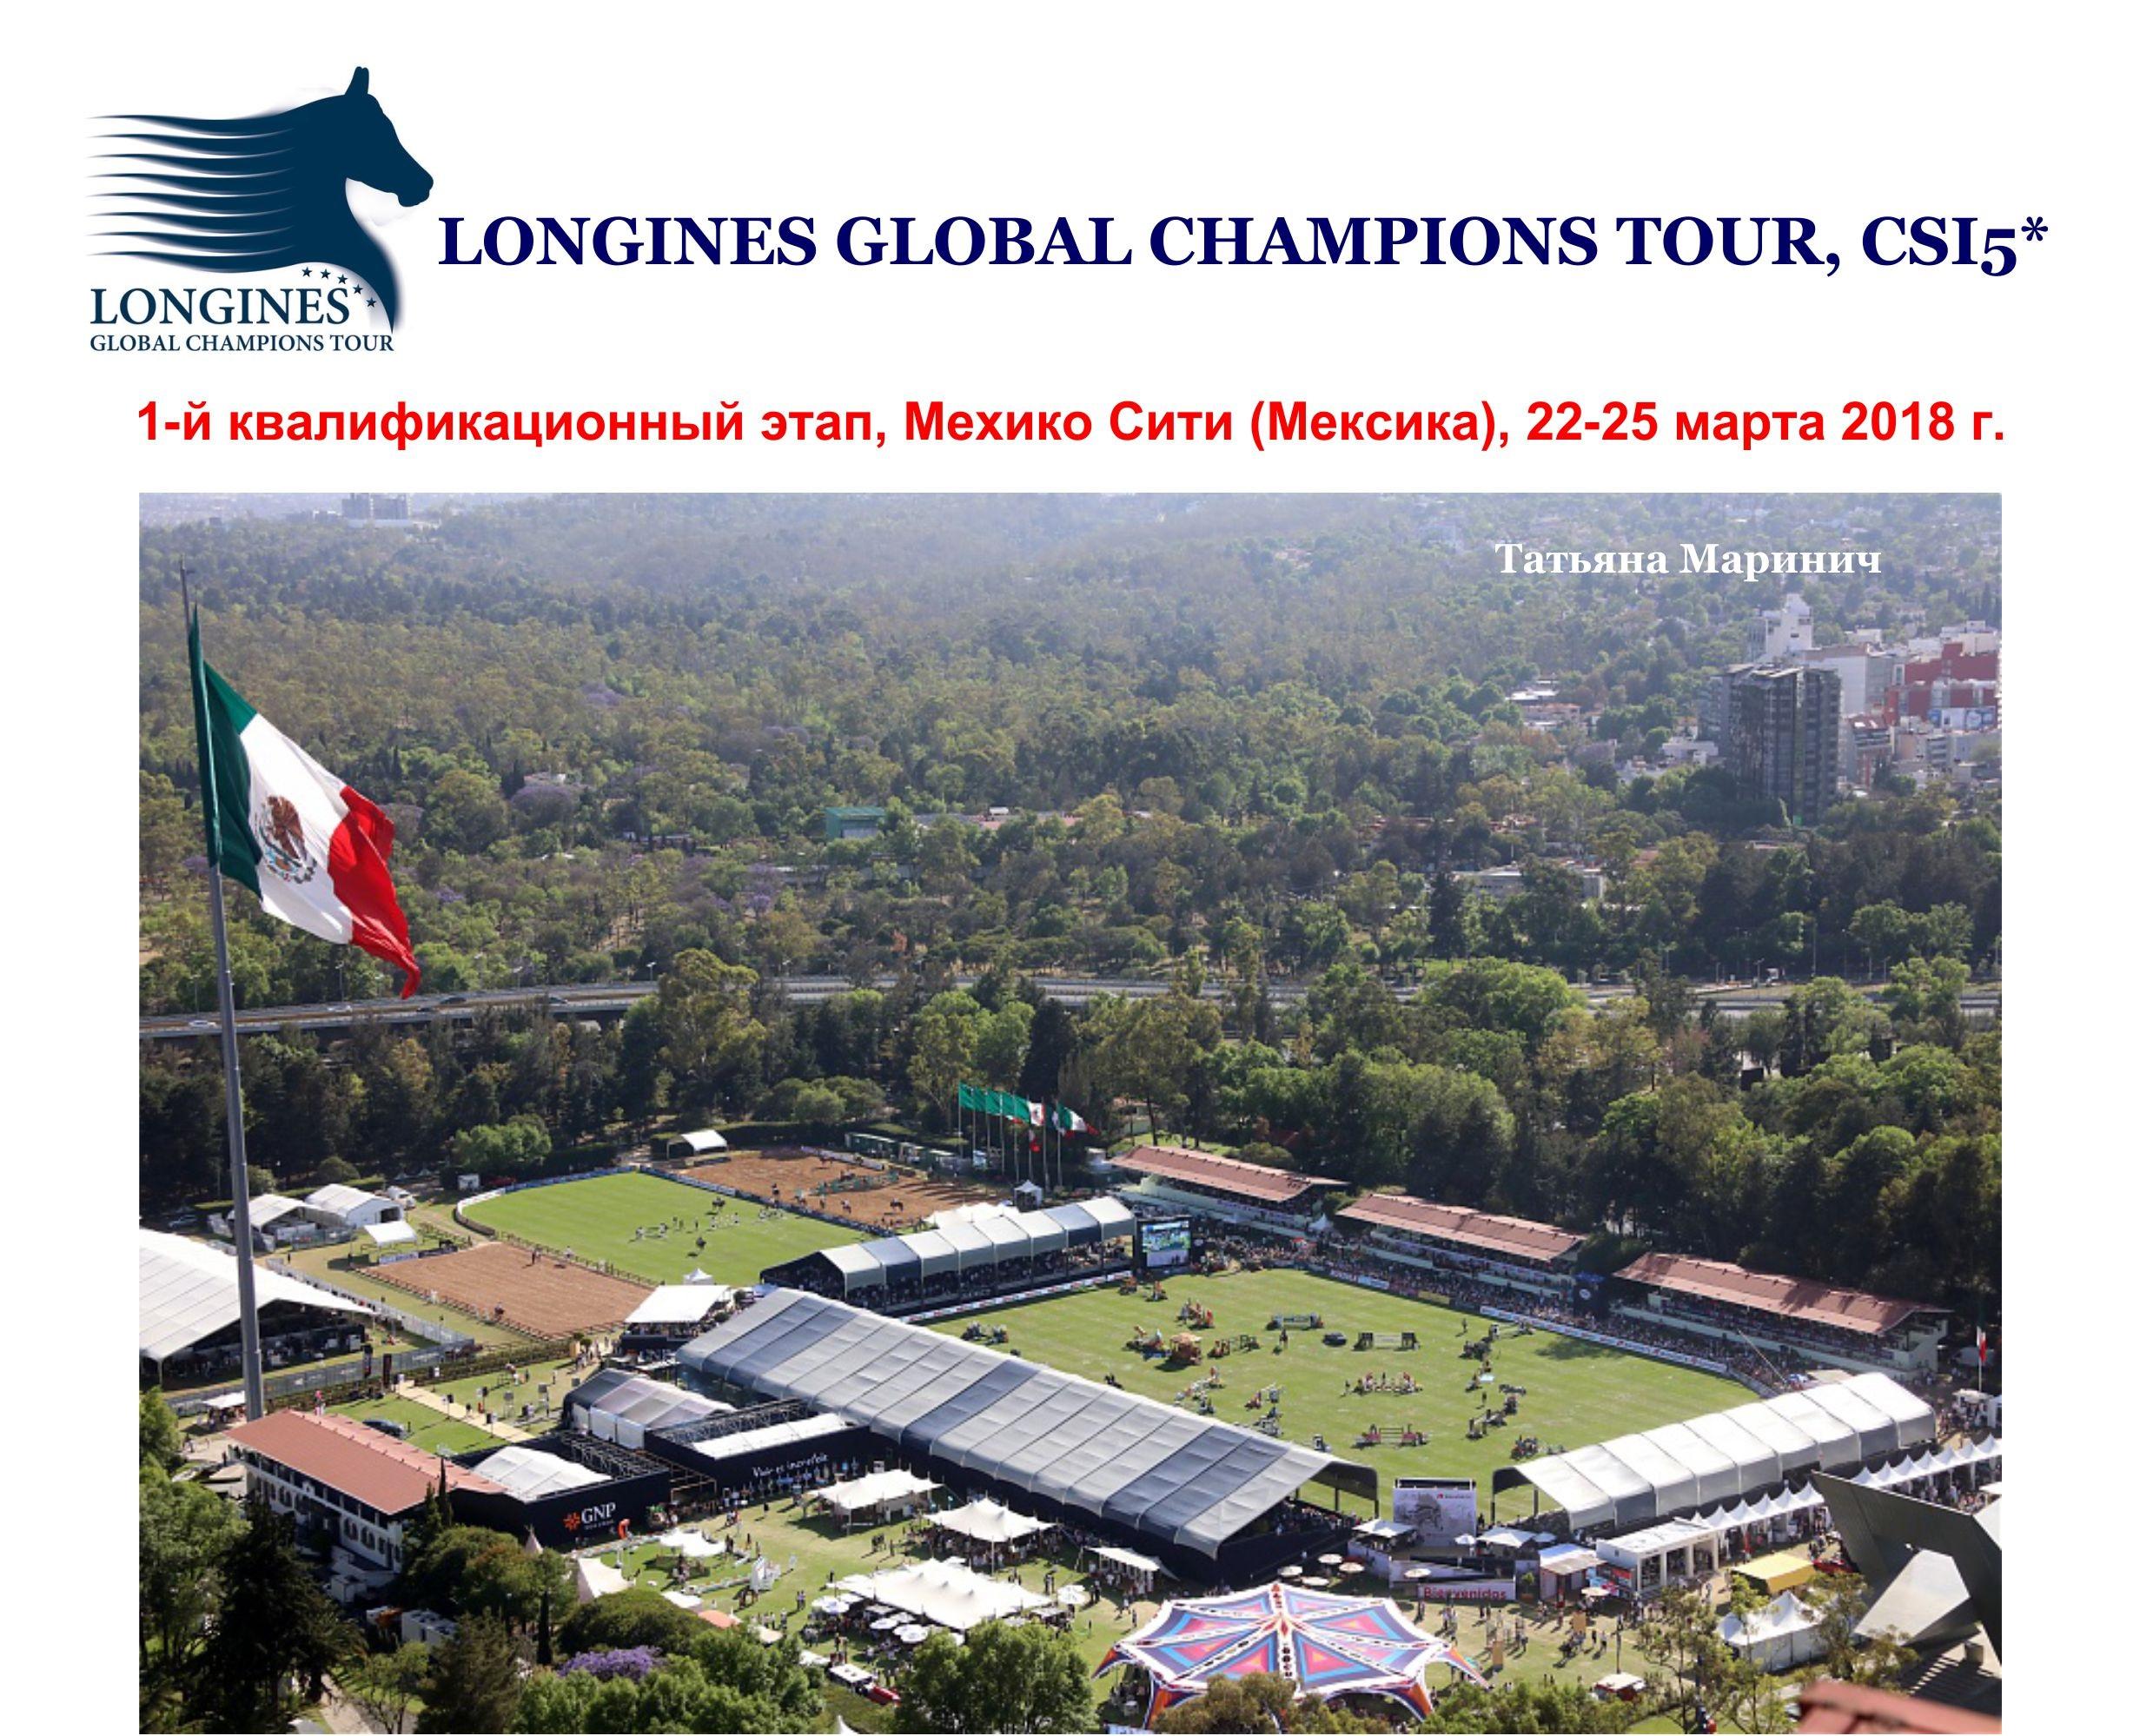 Longines Global Champions Tour, CSI5*, 1-й квалификационный этап, Мехико Сити (Мексика)_(выпуск журнала №40)